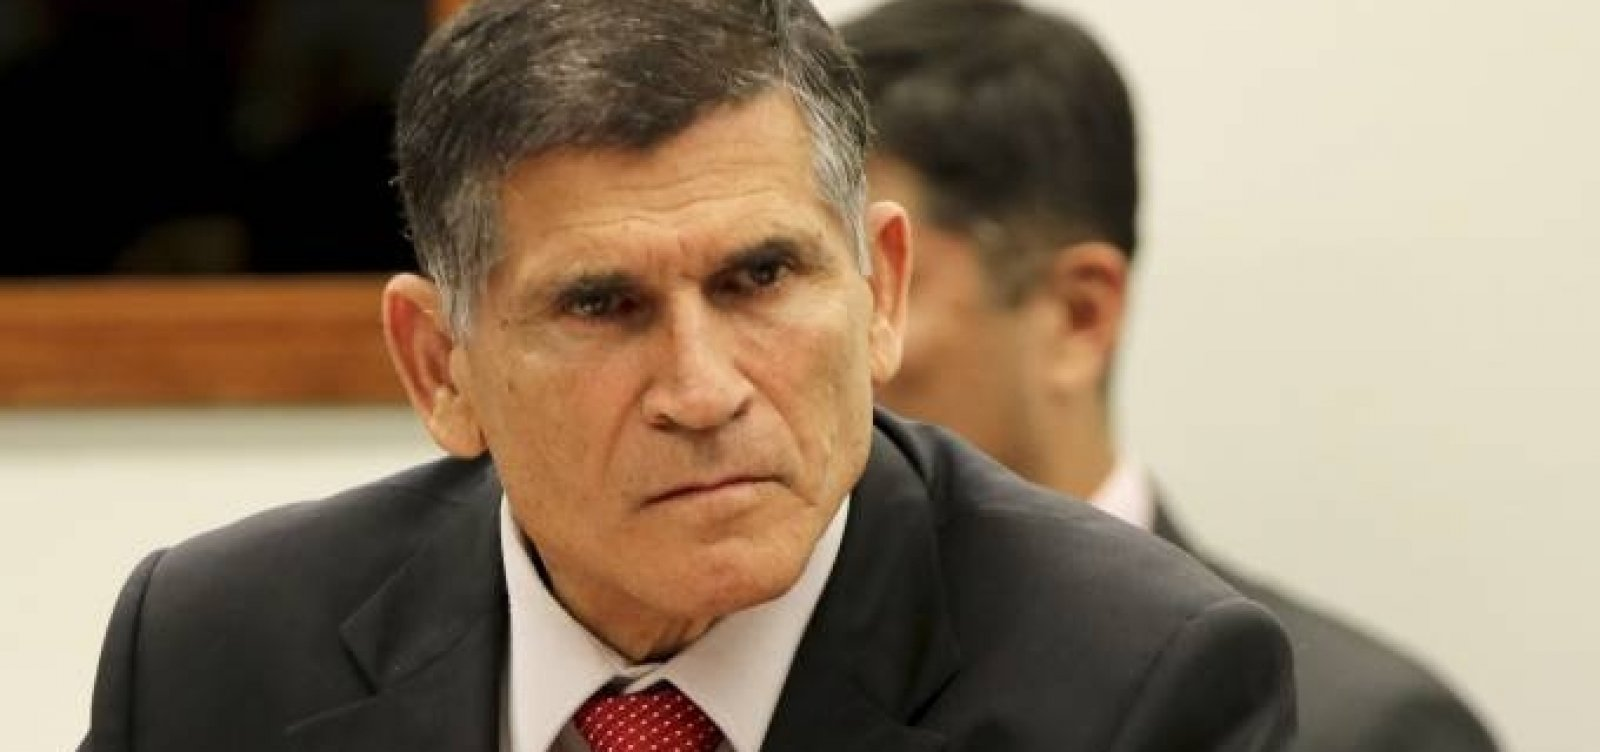 Ministro da Secretaria de Governo se reúne com Bolsonaro após conflito com olavistas